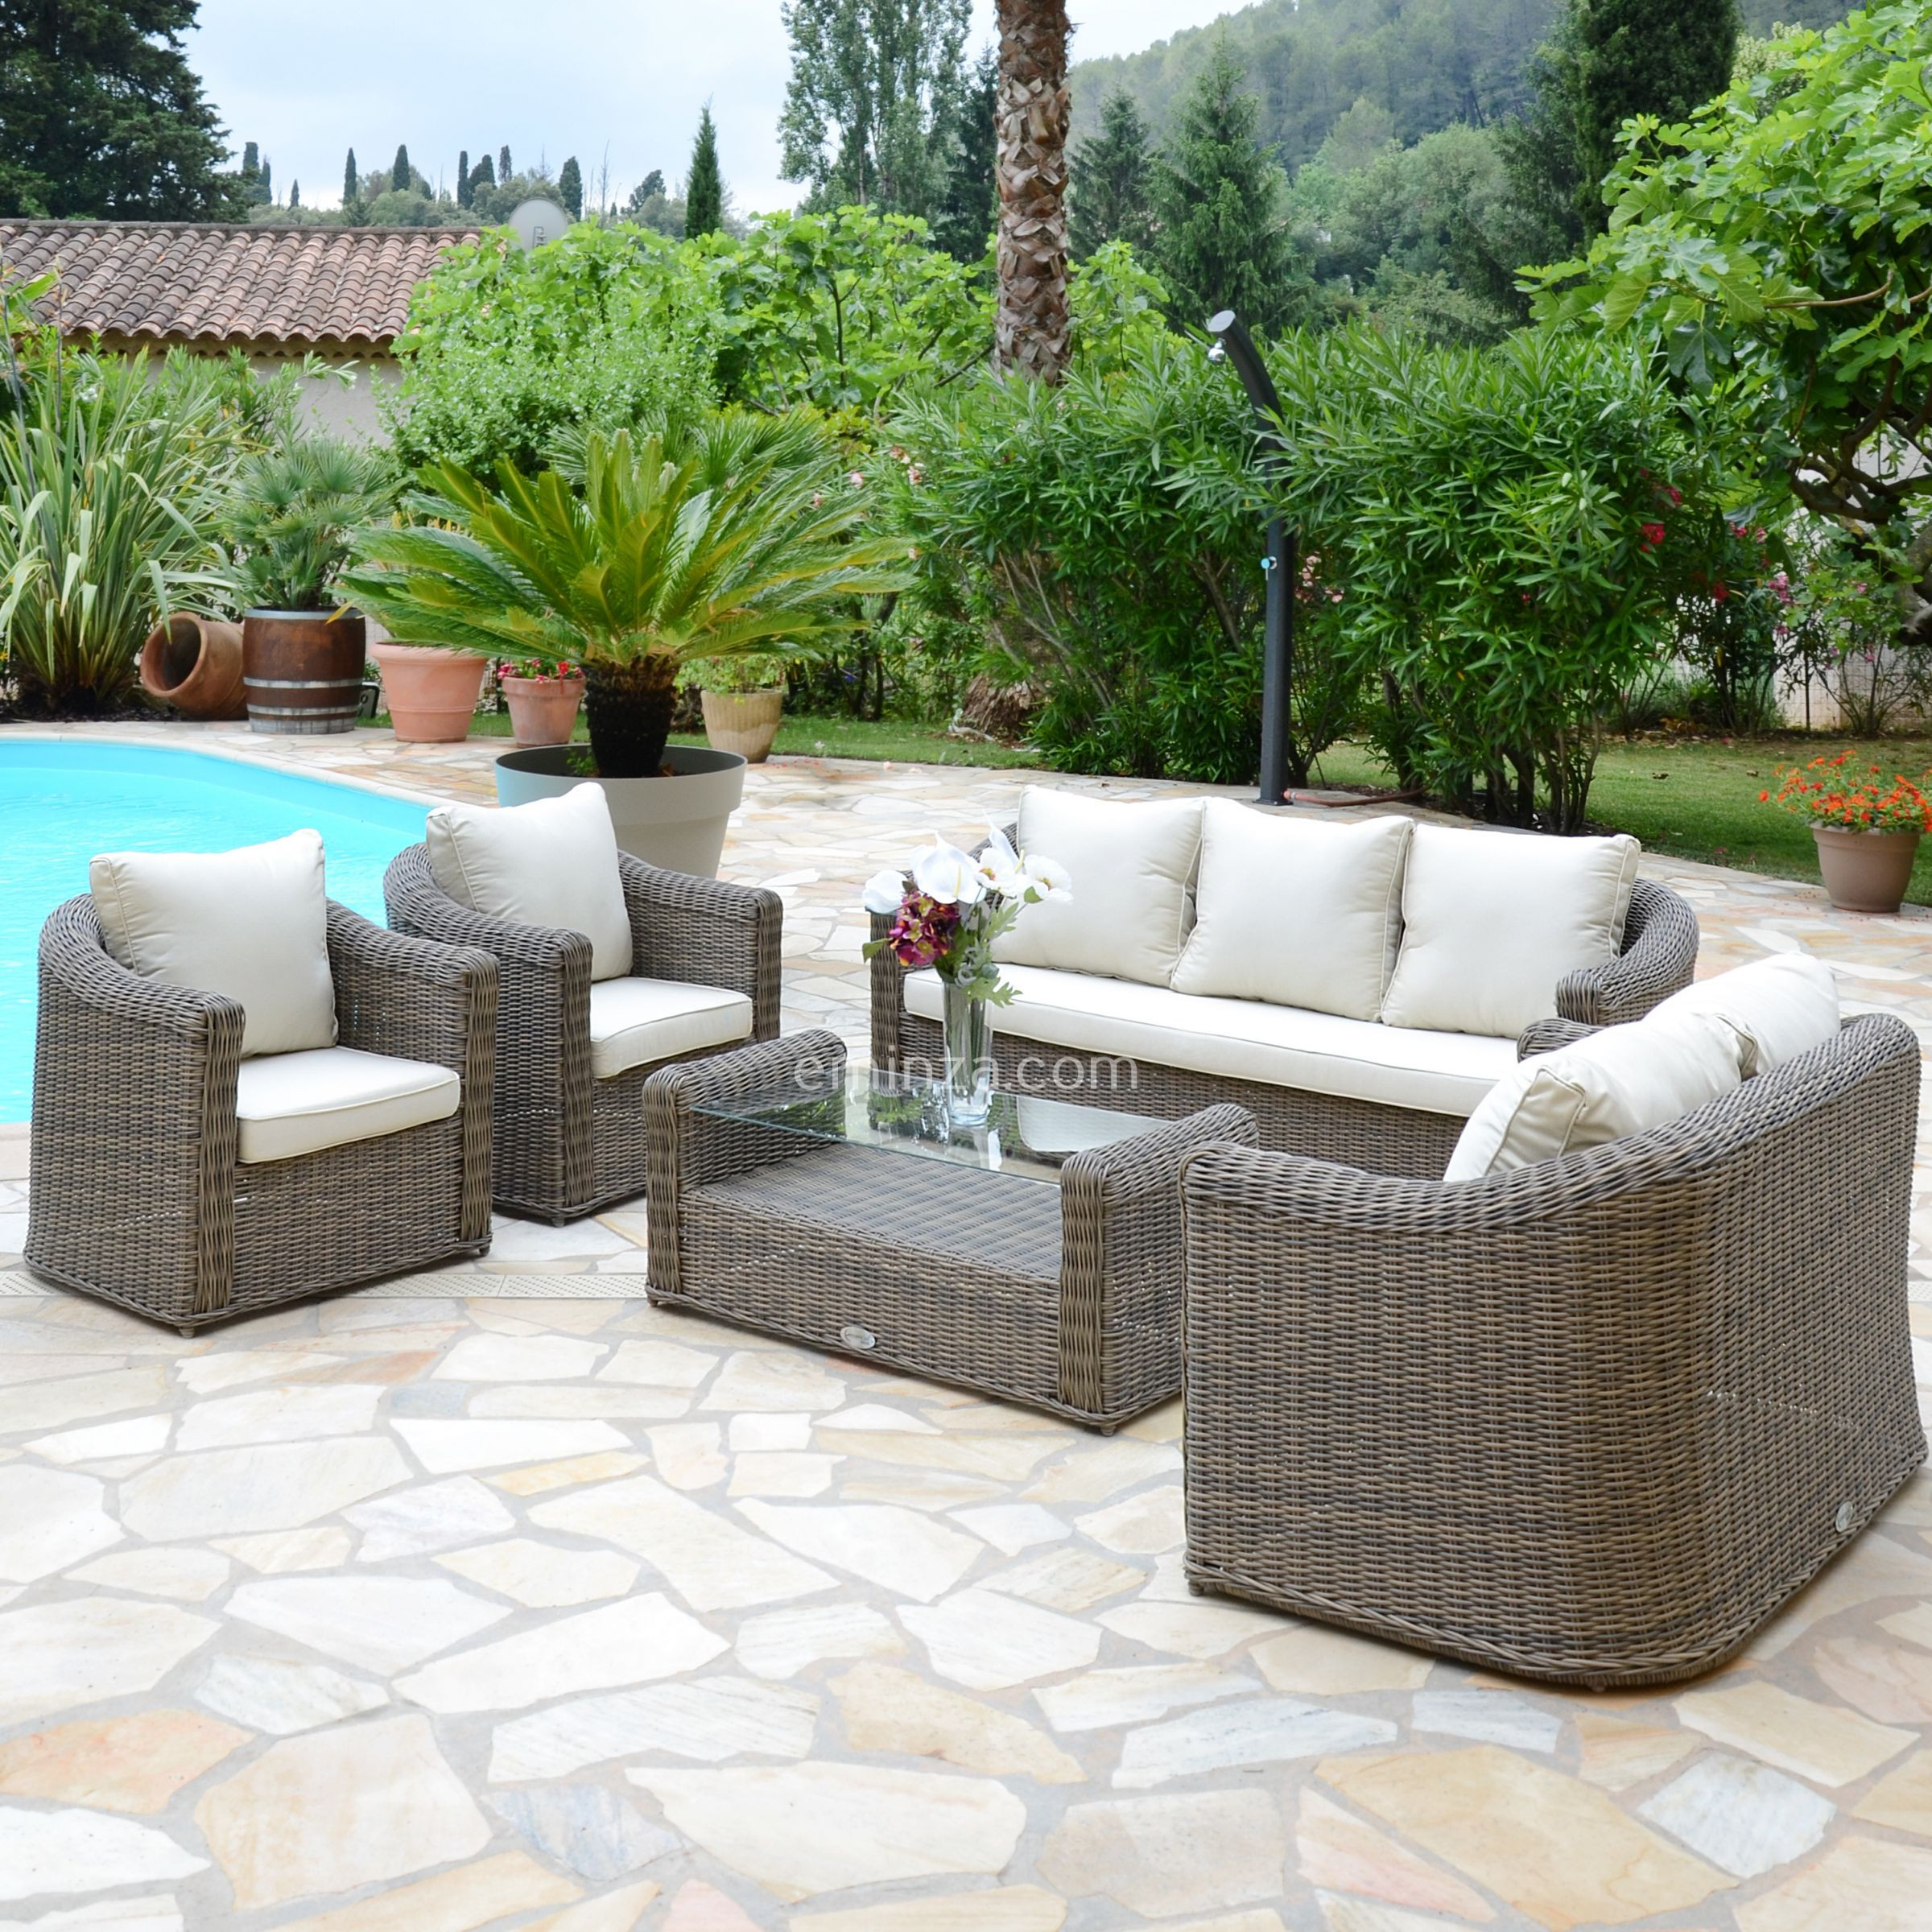 Monaco Salon De Jardin Luxe Images Salon De Jardin Monaco Aussi Simple Idées De Décoration